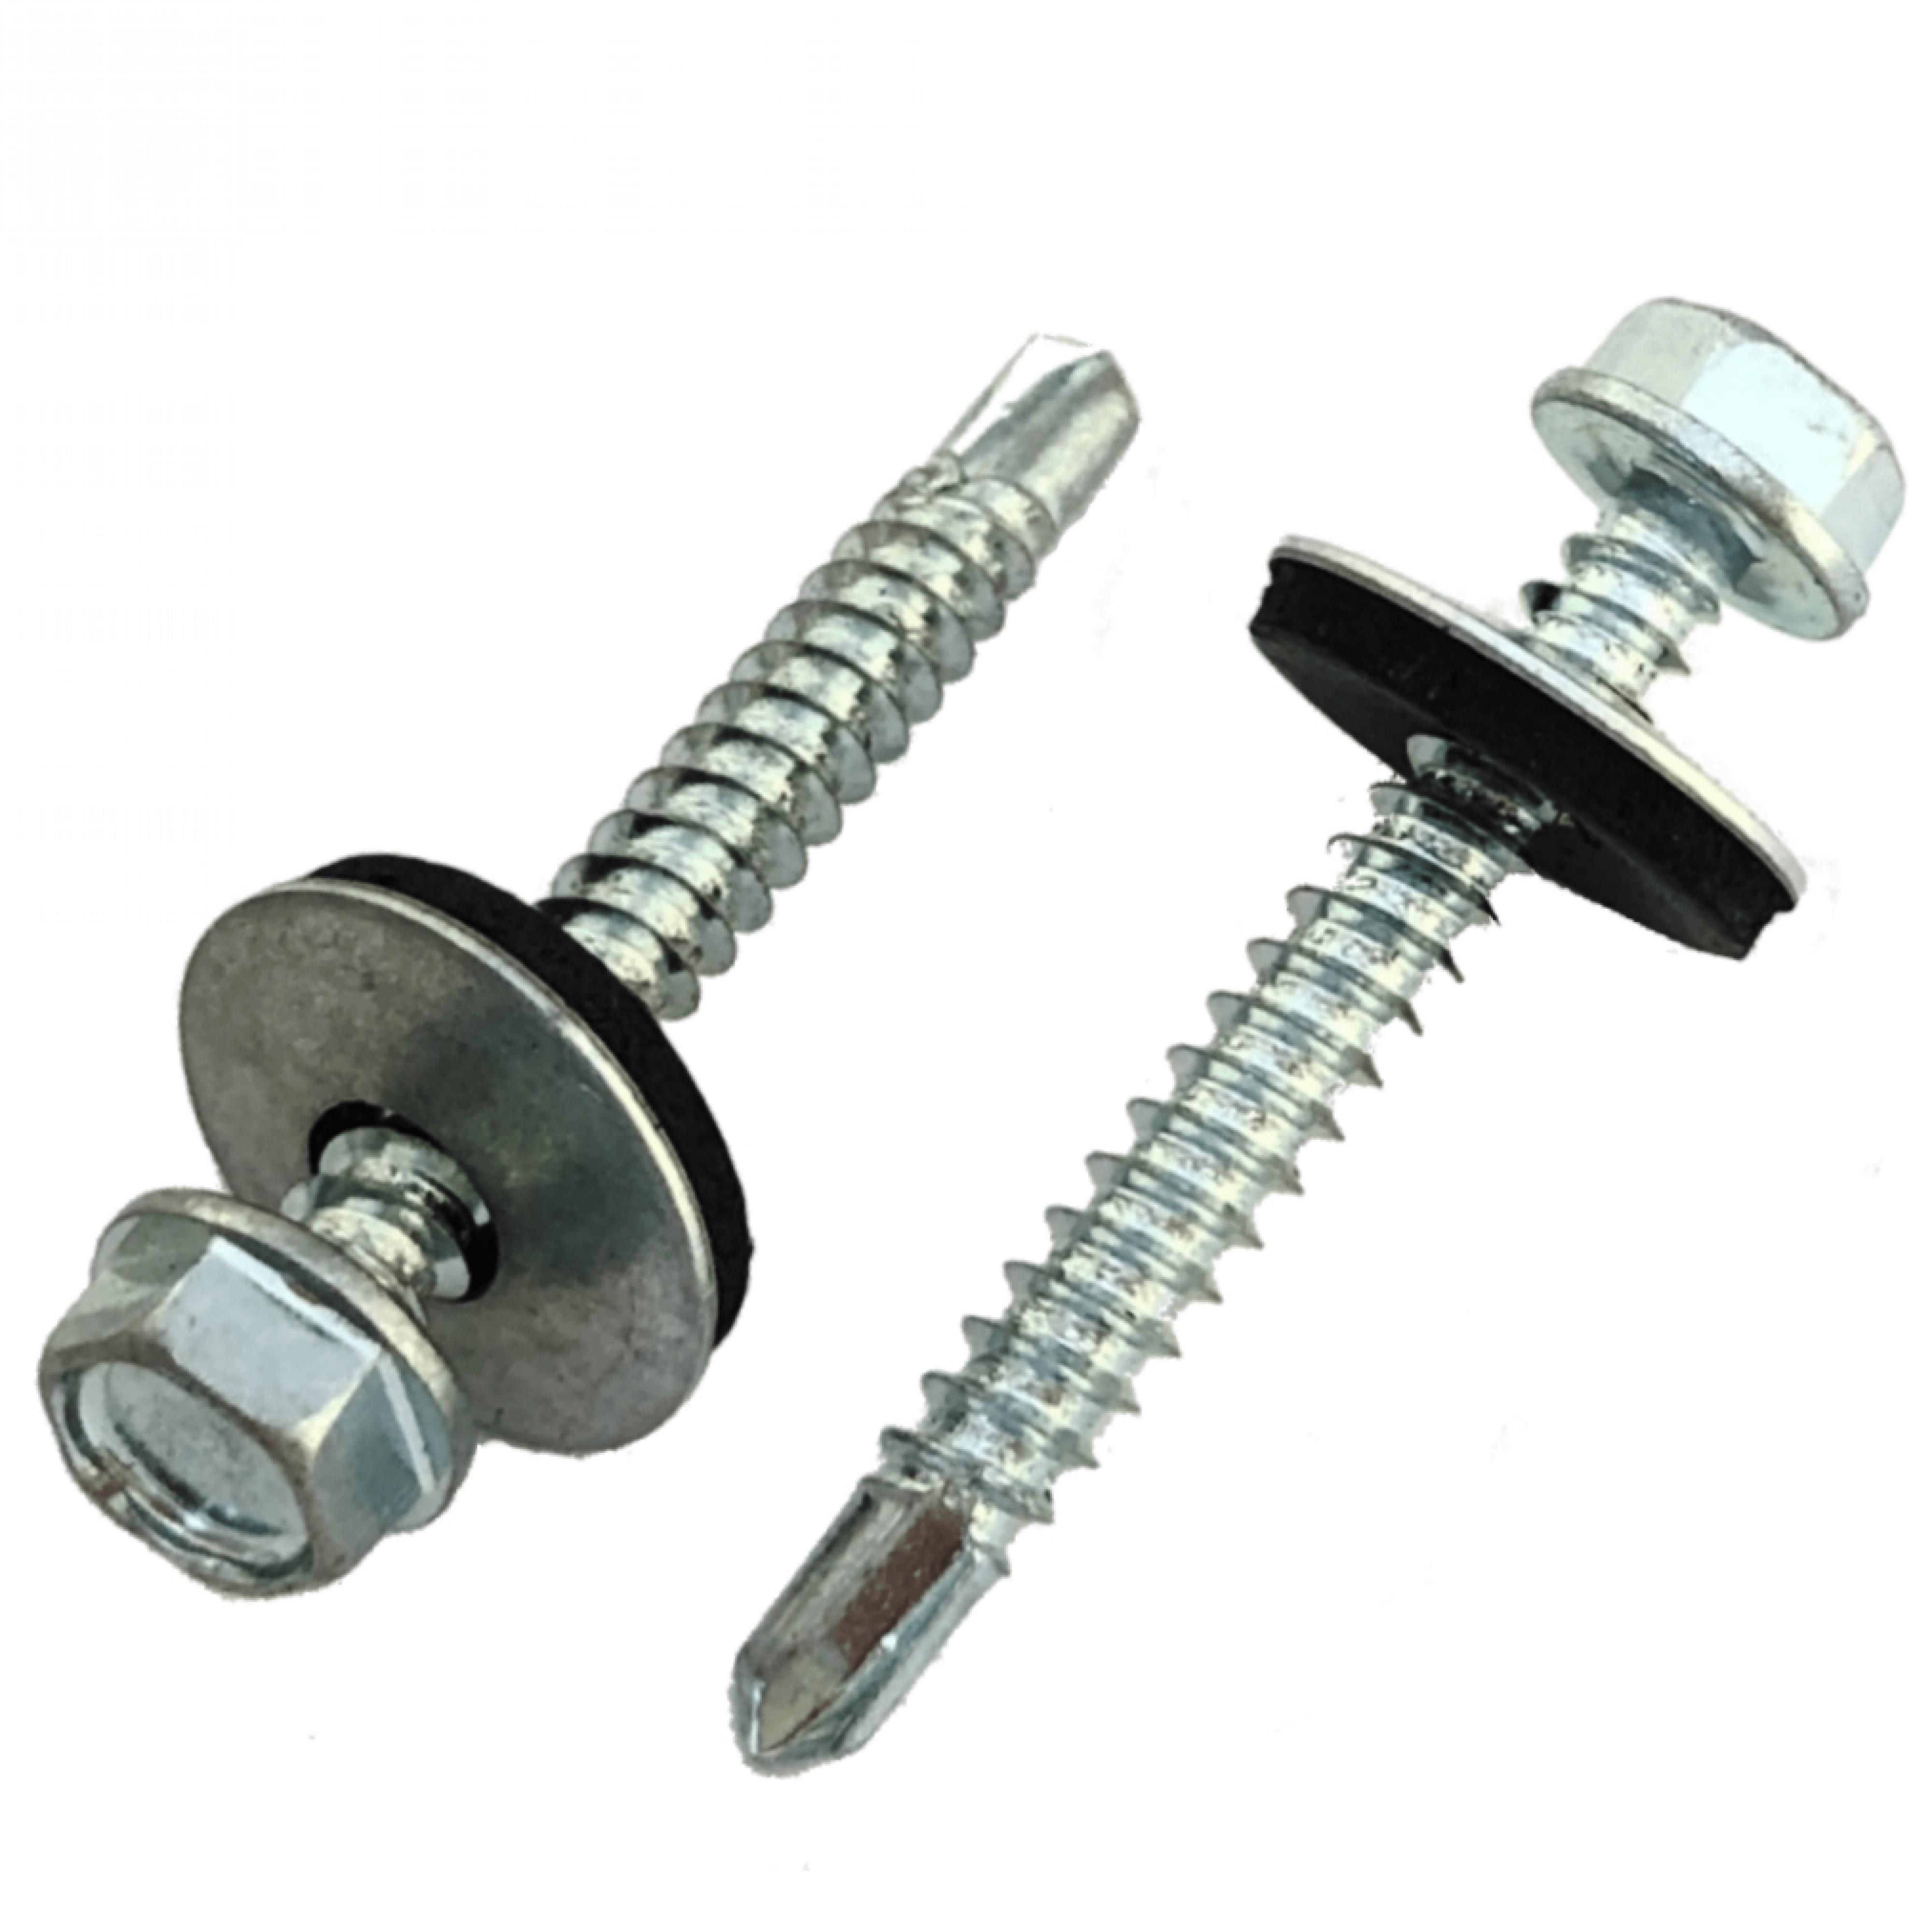 Zelfborende schroeven met ring DIN 7504 K